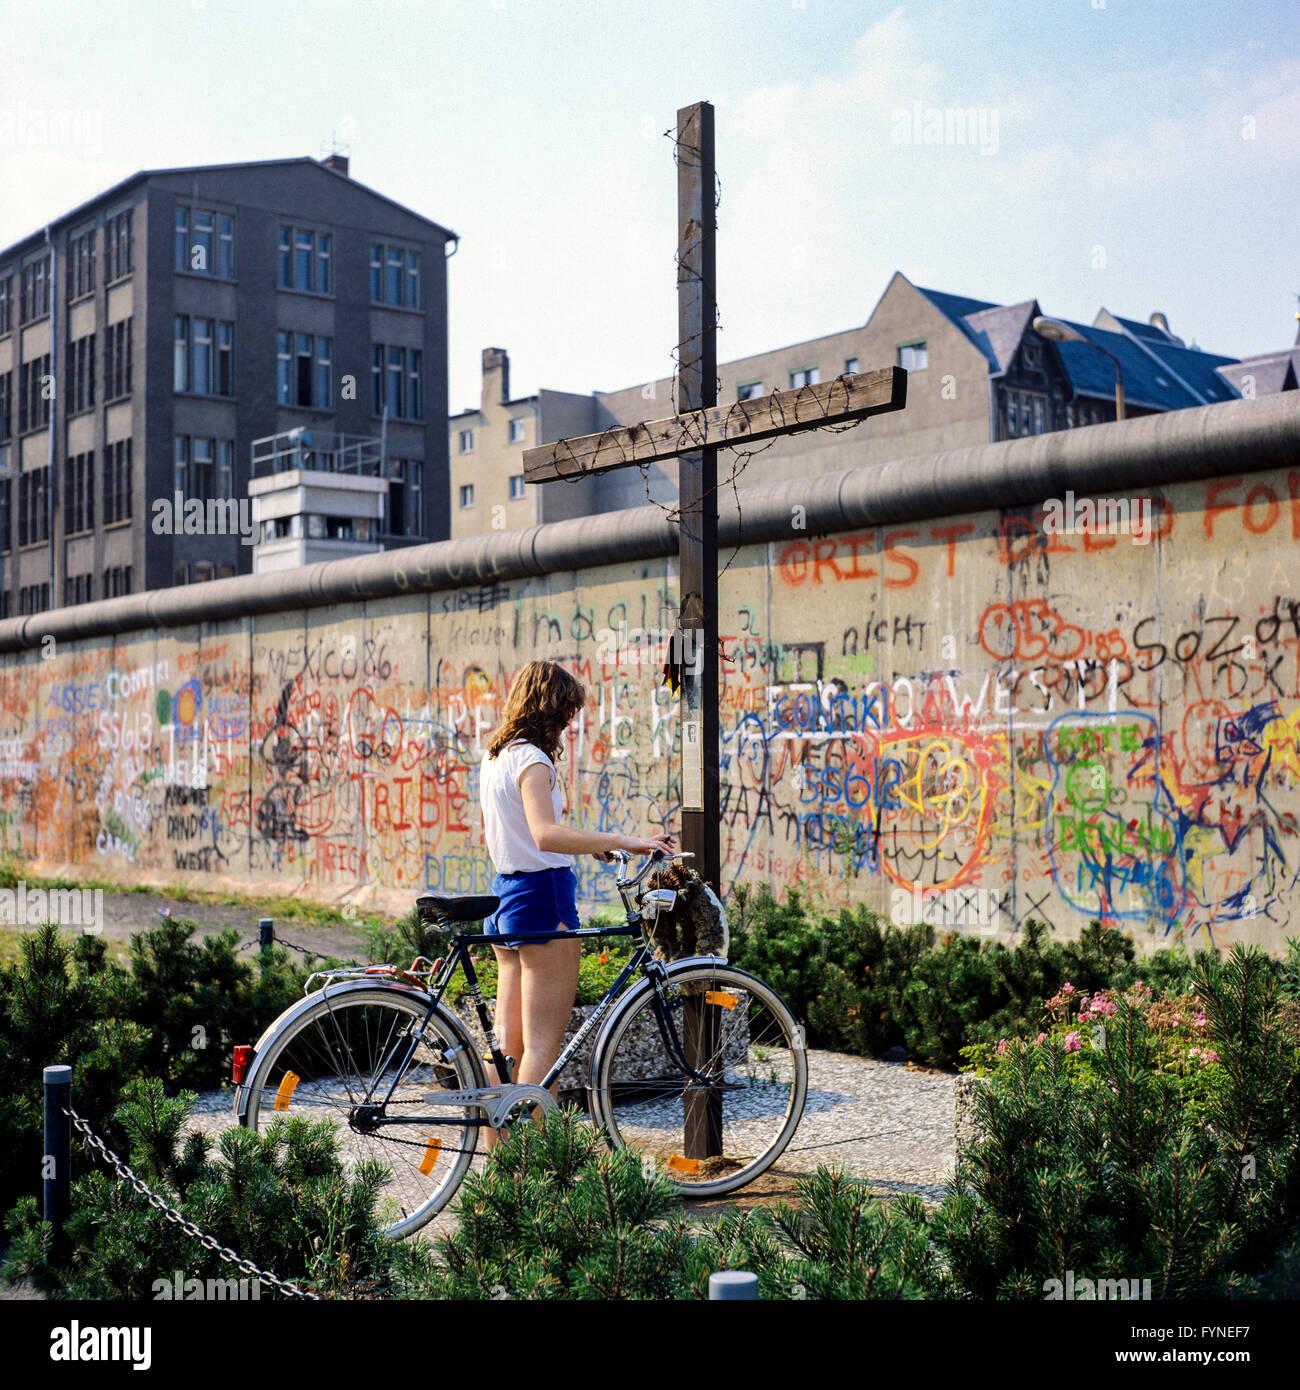 August 1986, young woman with bike, Peter Fechter memorial, graffitis on Berlin Wall, Zimmerstrasse street, Kreuzberg, Stock Photo